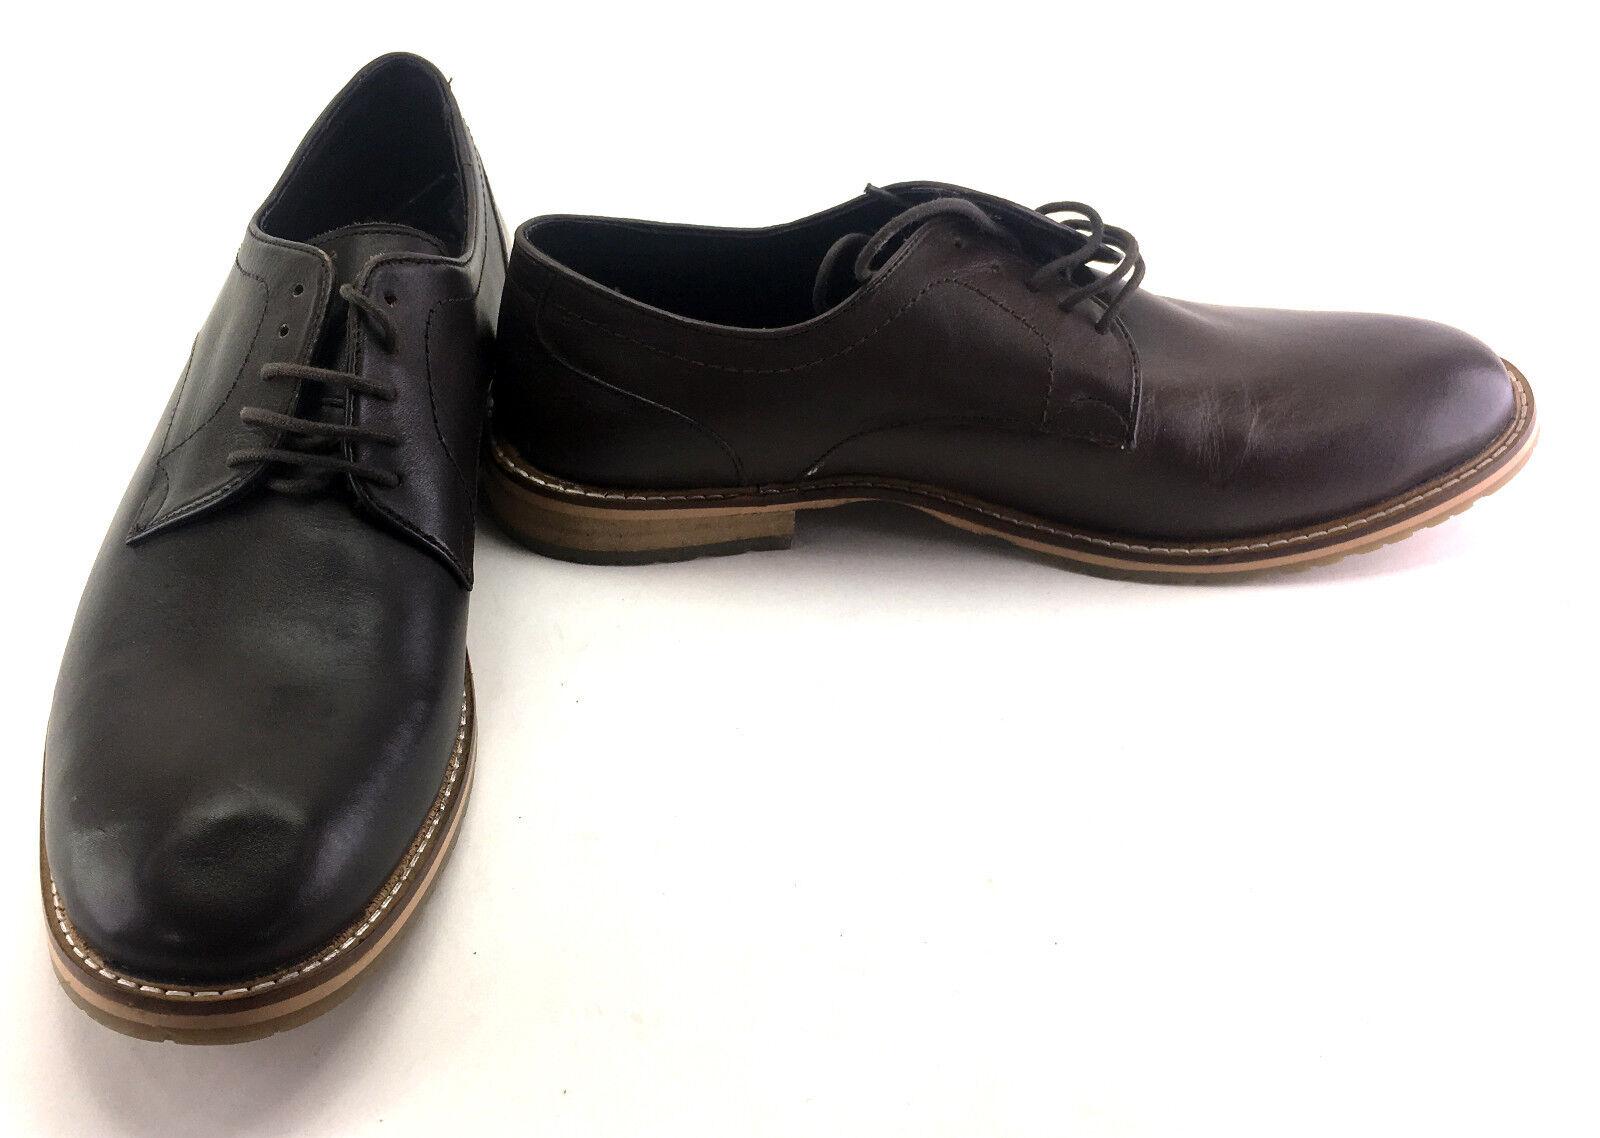 ti renderà soddisfatto Ben Sherman scarpe Benson Leather Dress Oxfords Marrone Dimensione 10 10 10  essere molto richiesto